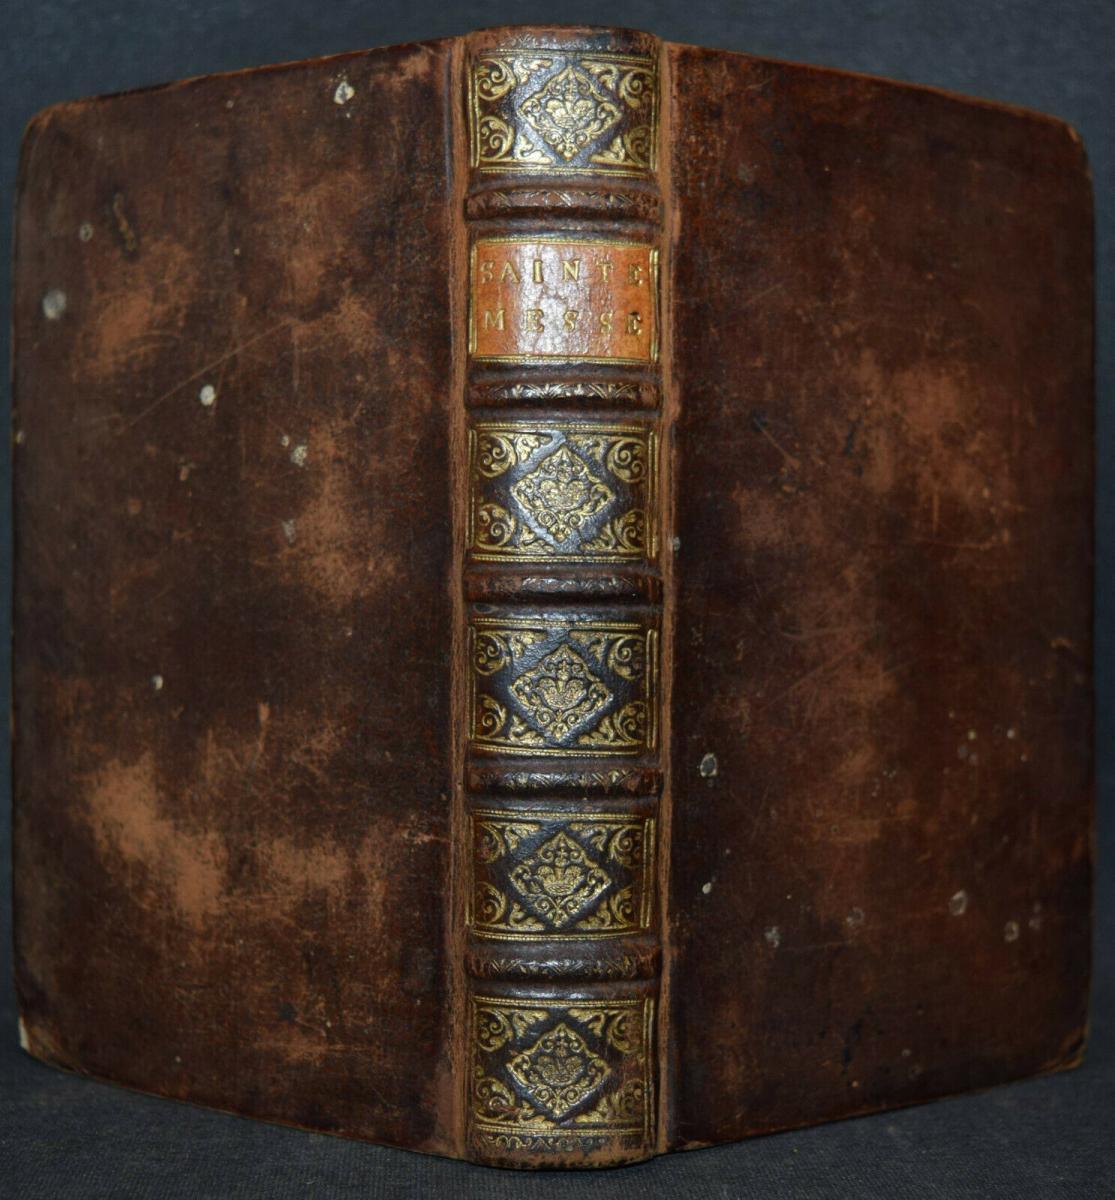 LE TOURNEU - DE LA MEILLEURE MANIÈRE D'ENTENDRE LA SAINTE MESSE - 1706 -LITURGIE 0